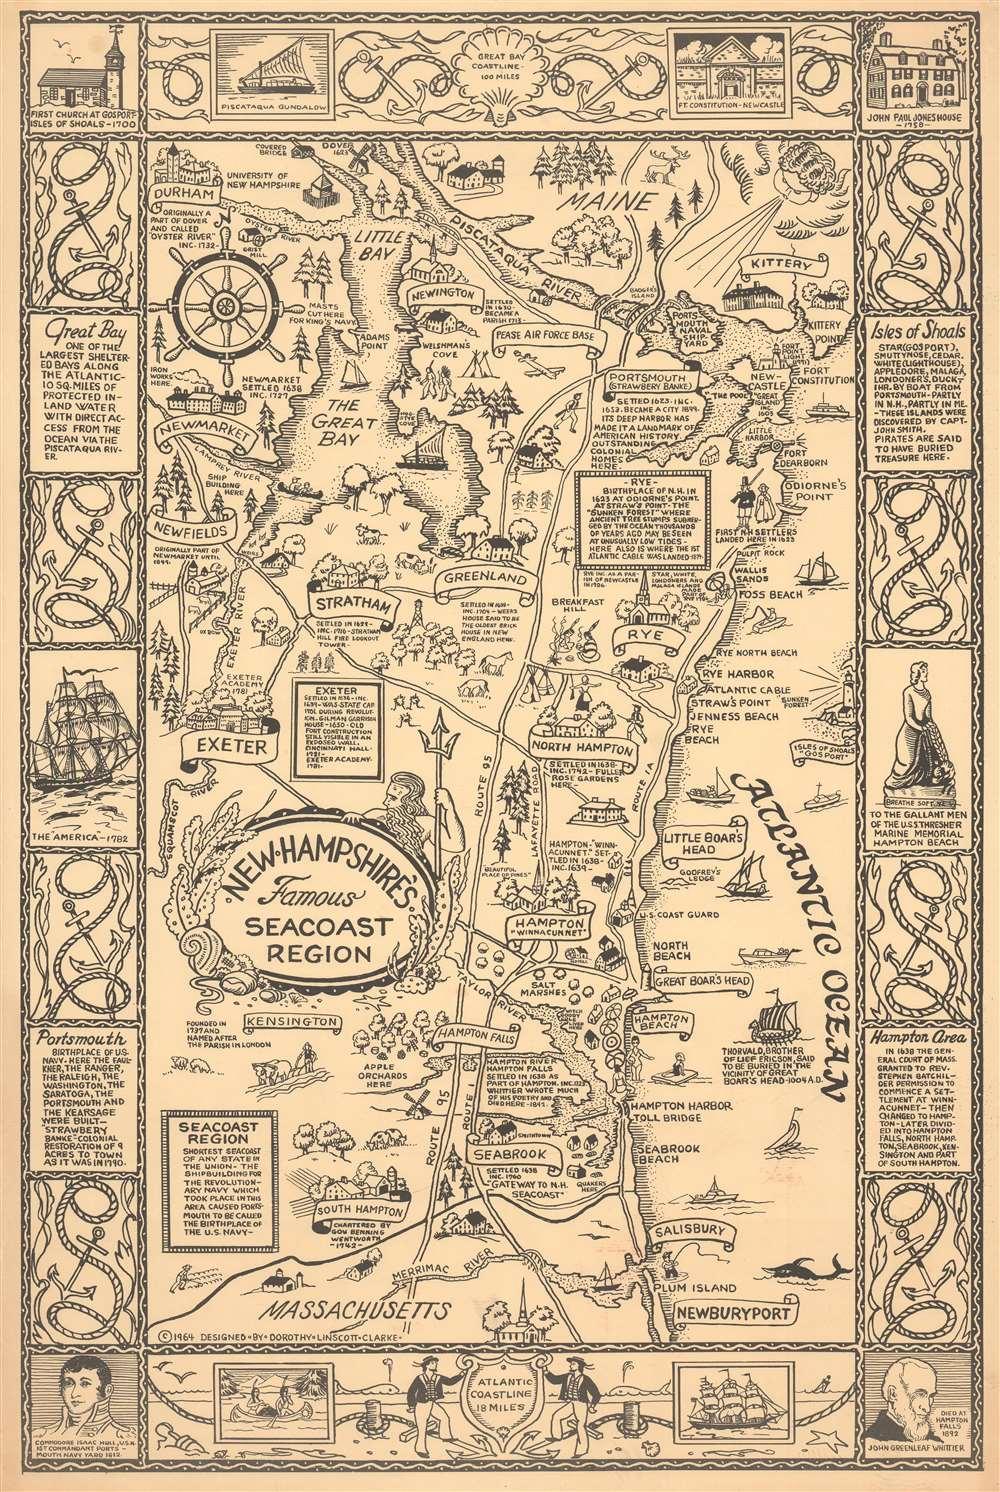 New Hampshire's Famous Seacoast Region. - Main View